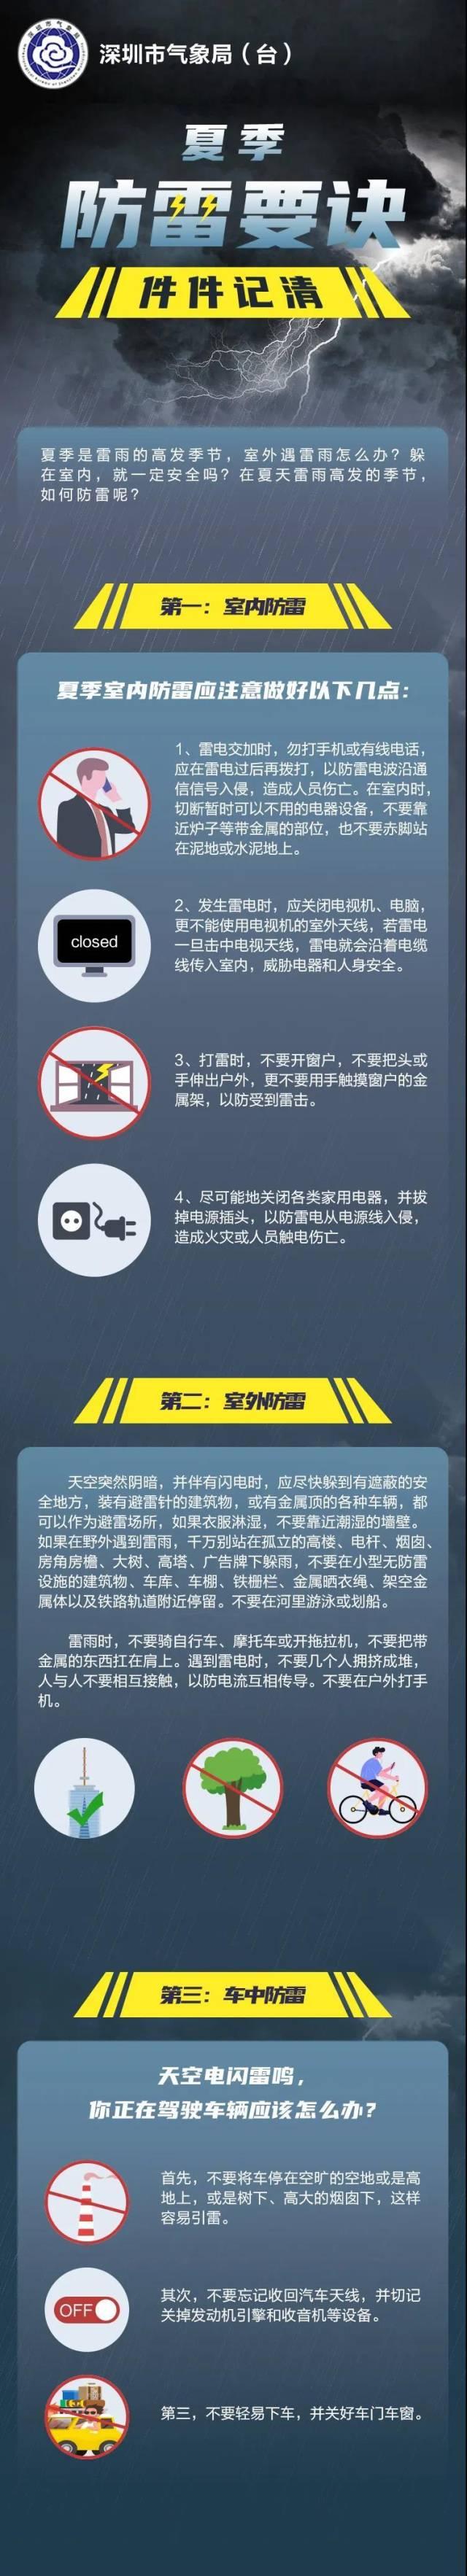 深圳女子家中遭雷击烧伤面积40%,初步原因查明